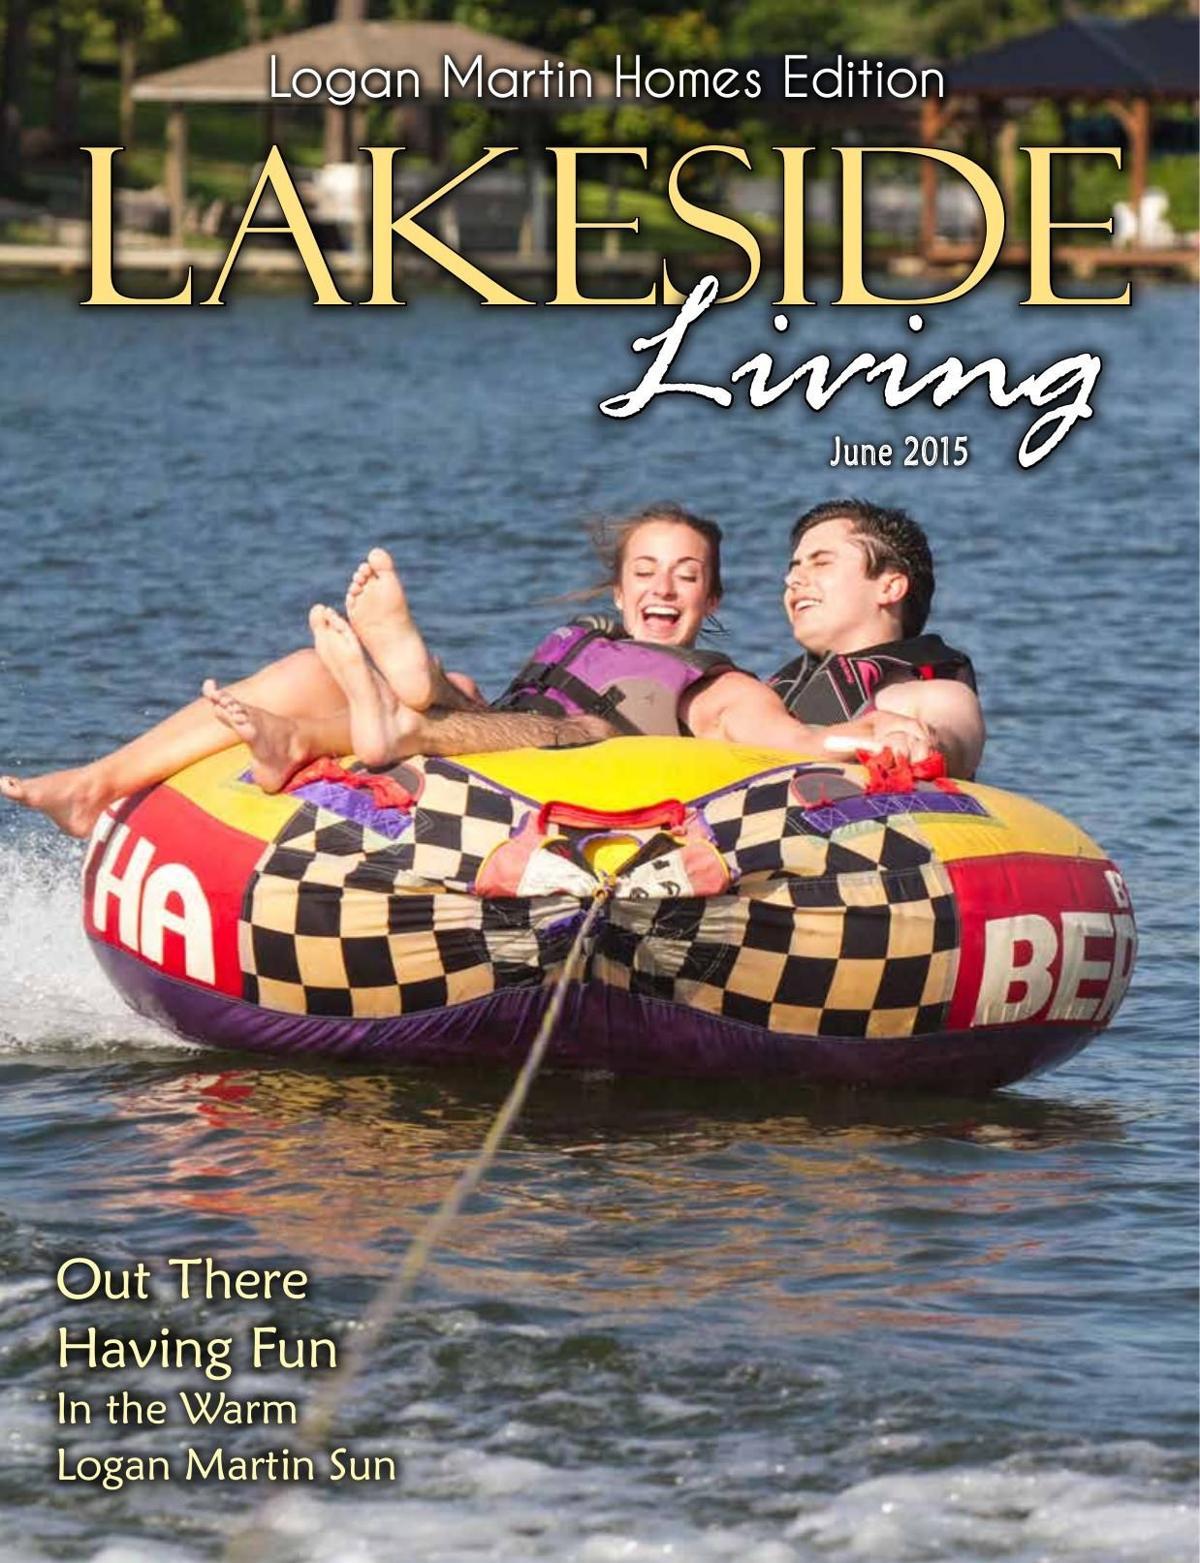 Lakeside - June 2015